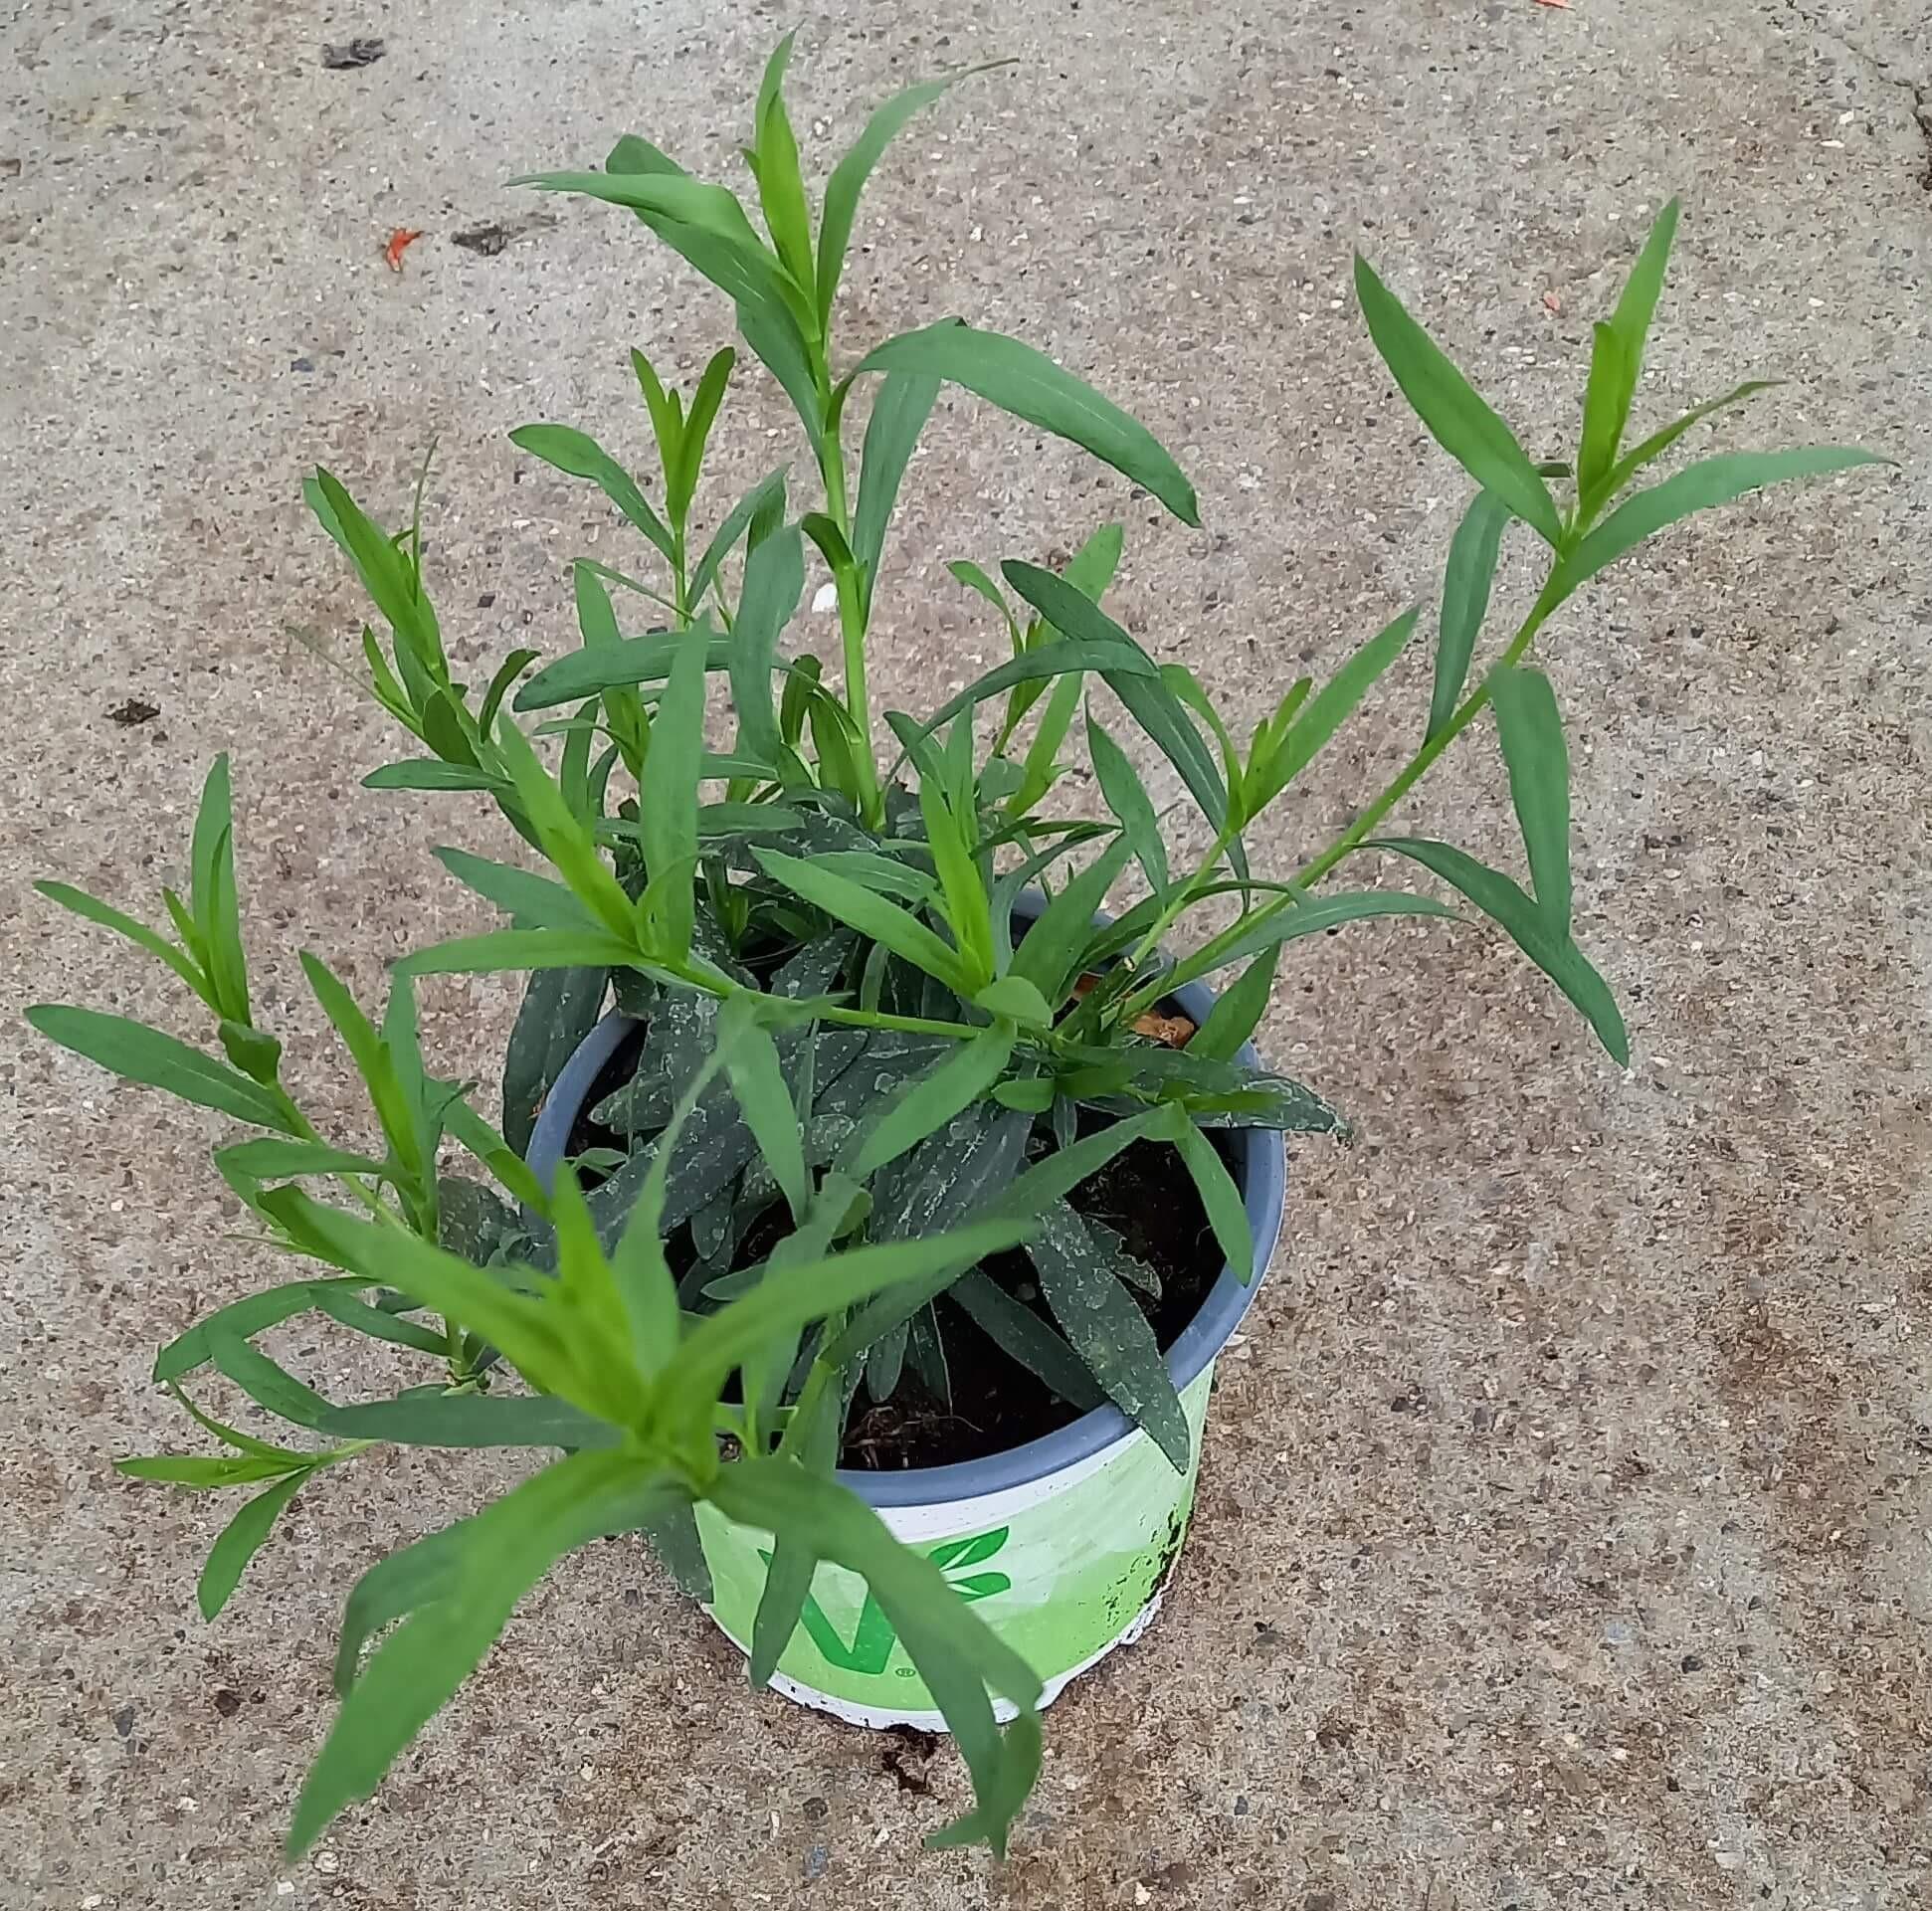 Anis-Estragon (Artemisia dracunculus) 'Vienco® T12